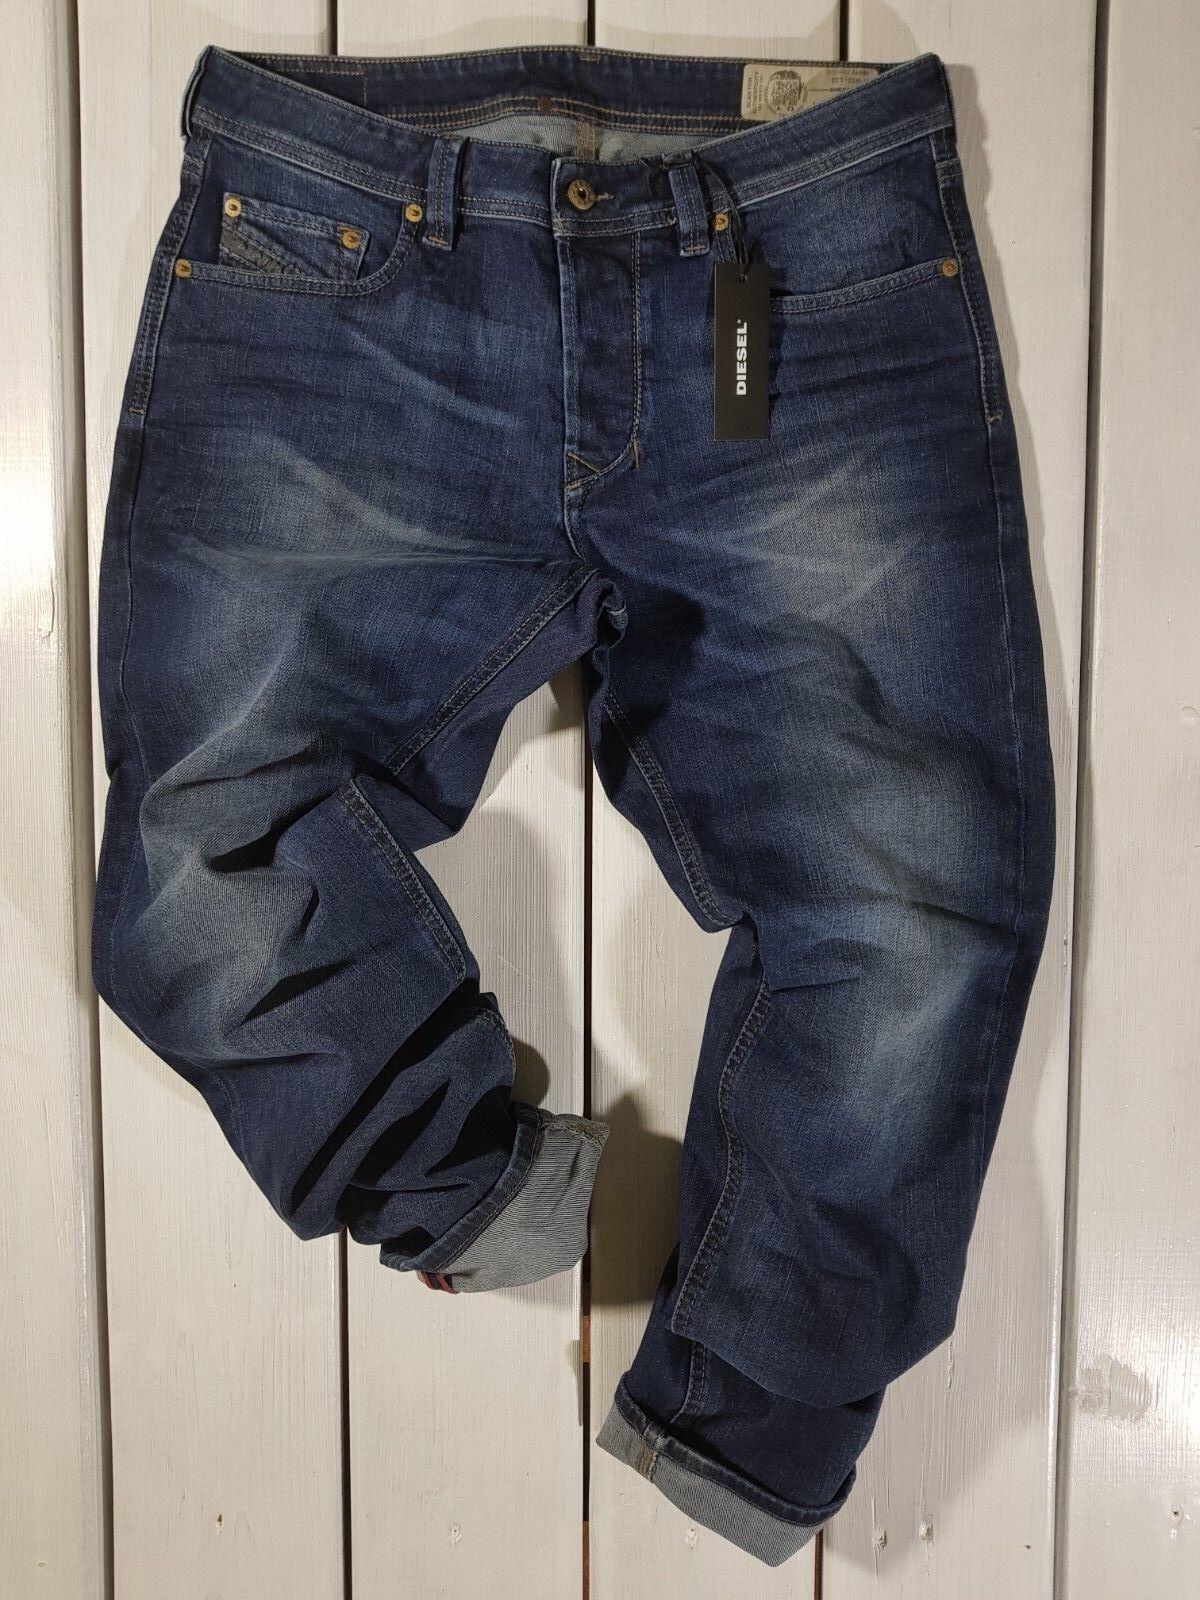 Neu Diesel HERREN Jeans Larkee-Beex 084hv Regular Konisch Stretch Blau  | Berühmter Laden  | Viele Stile  | Am praktischsten